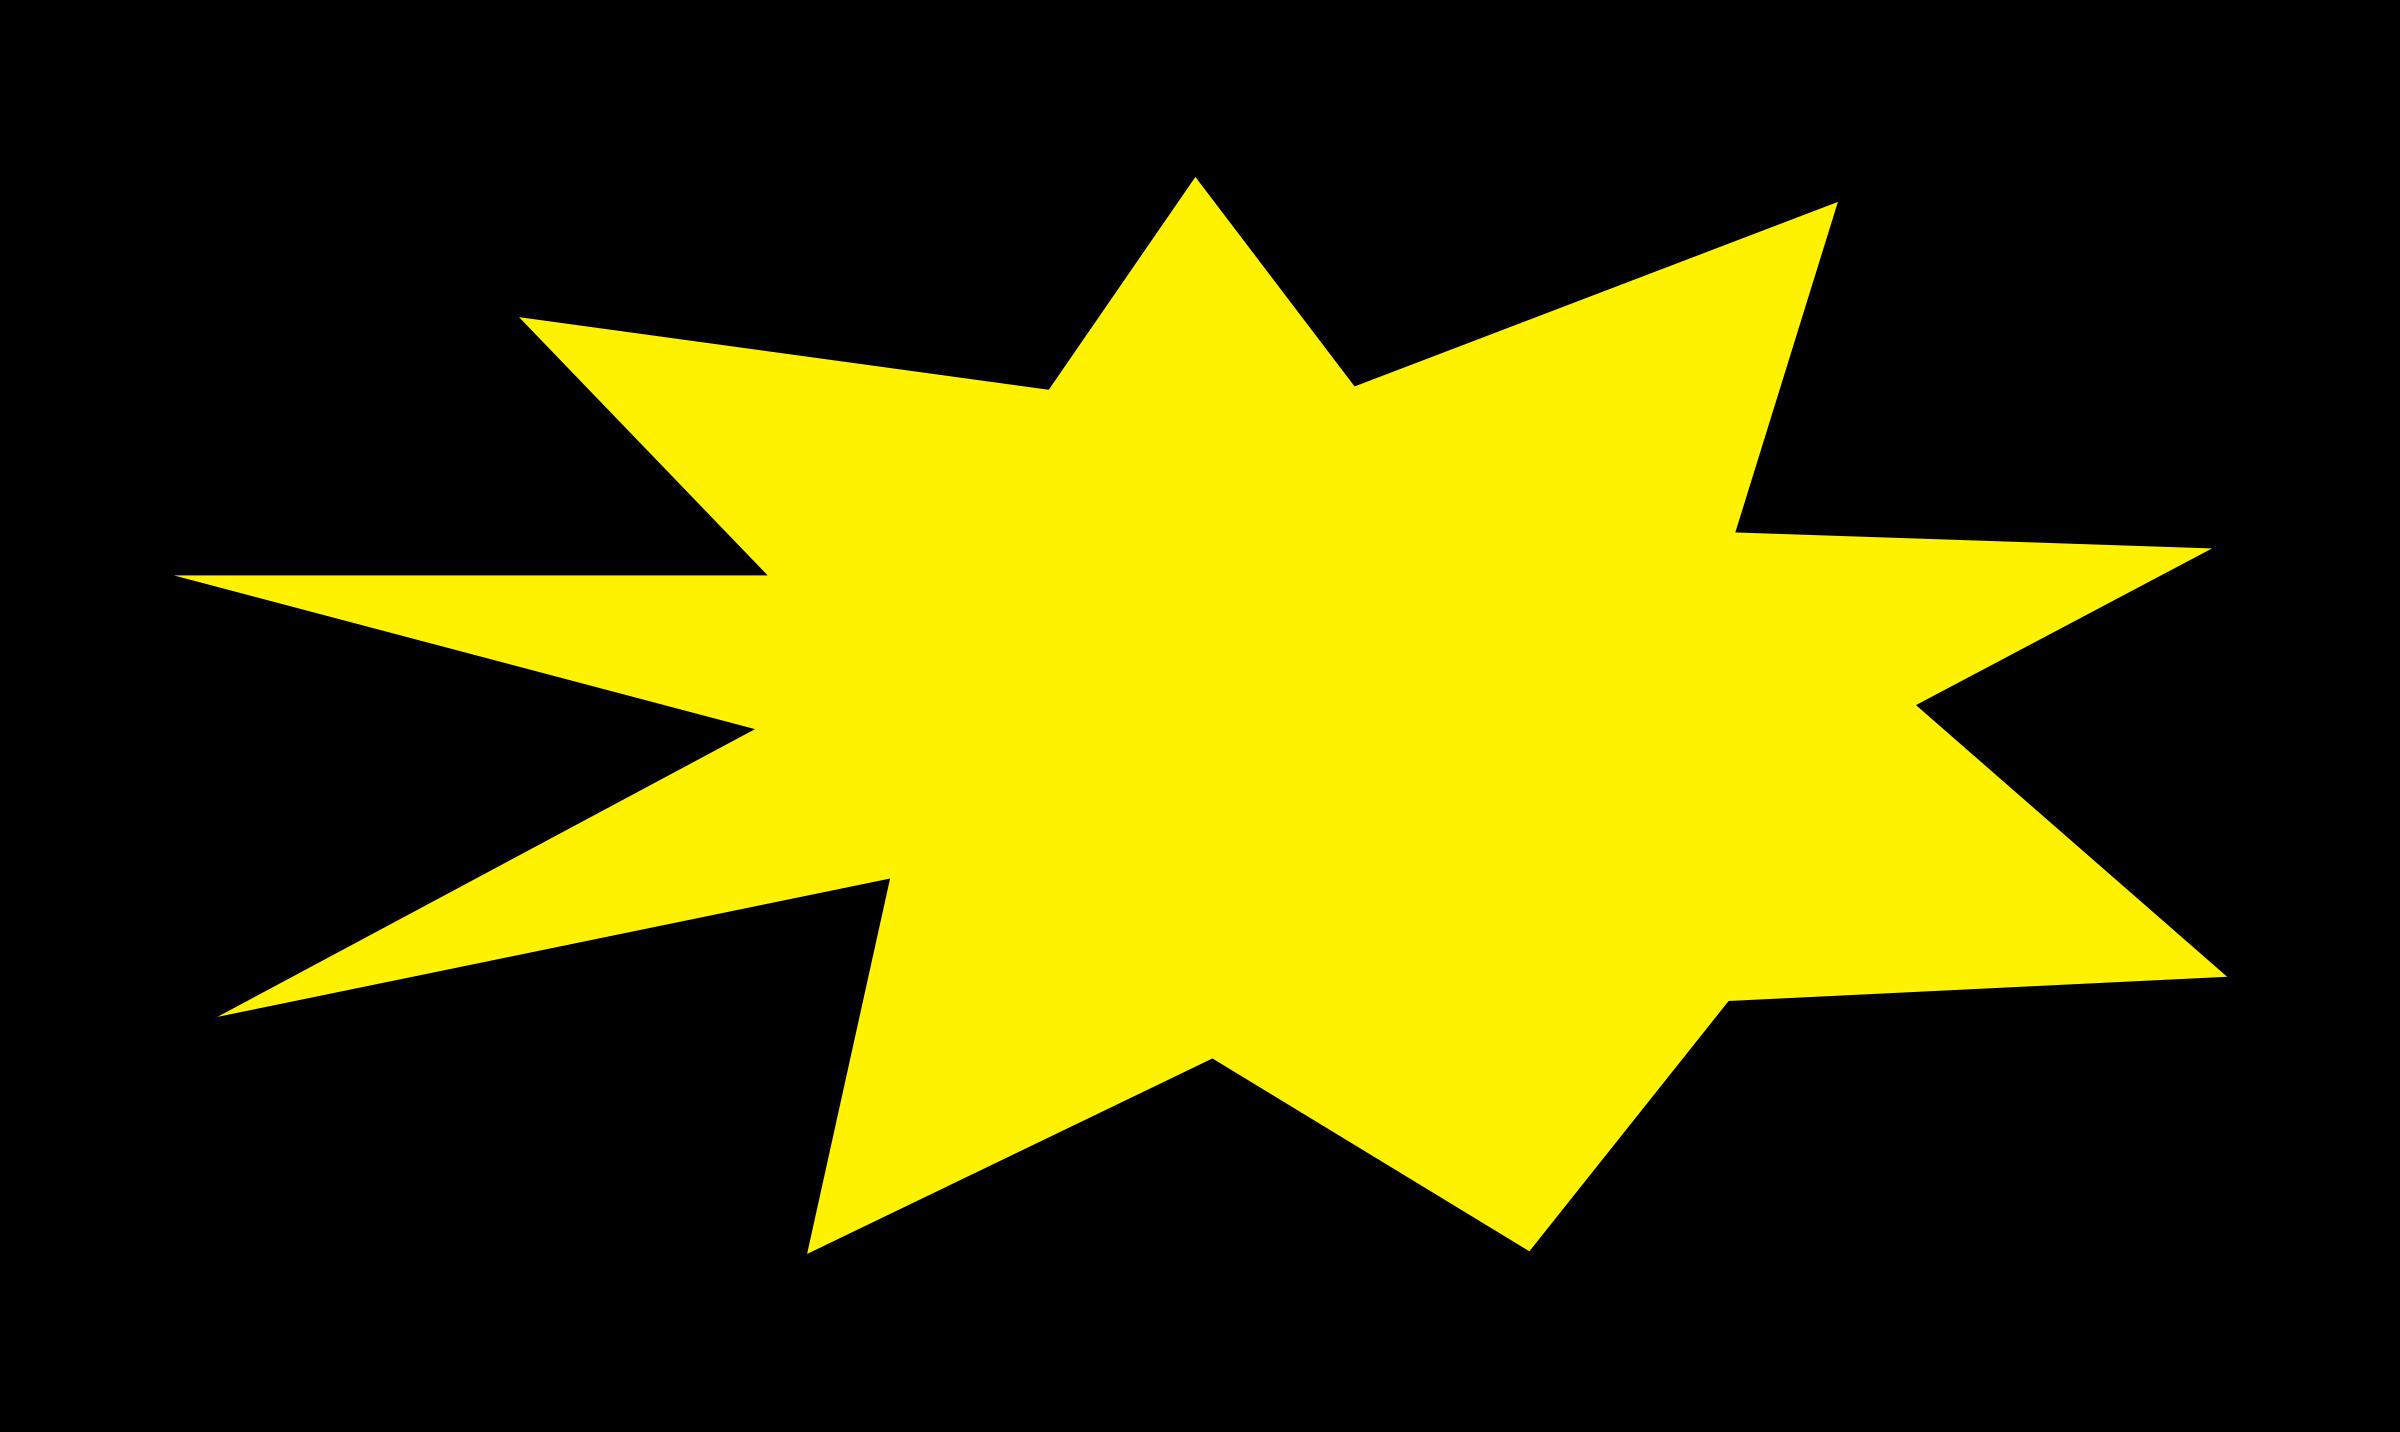 yellow starburst clipart - photo #19